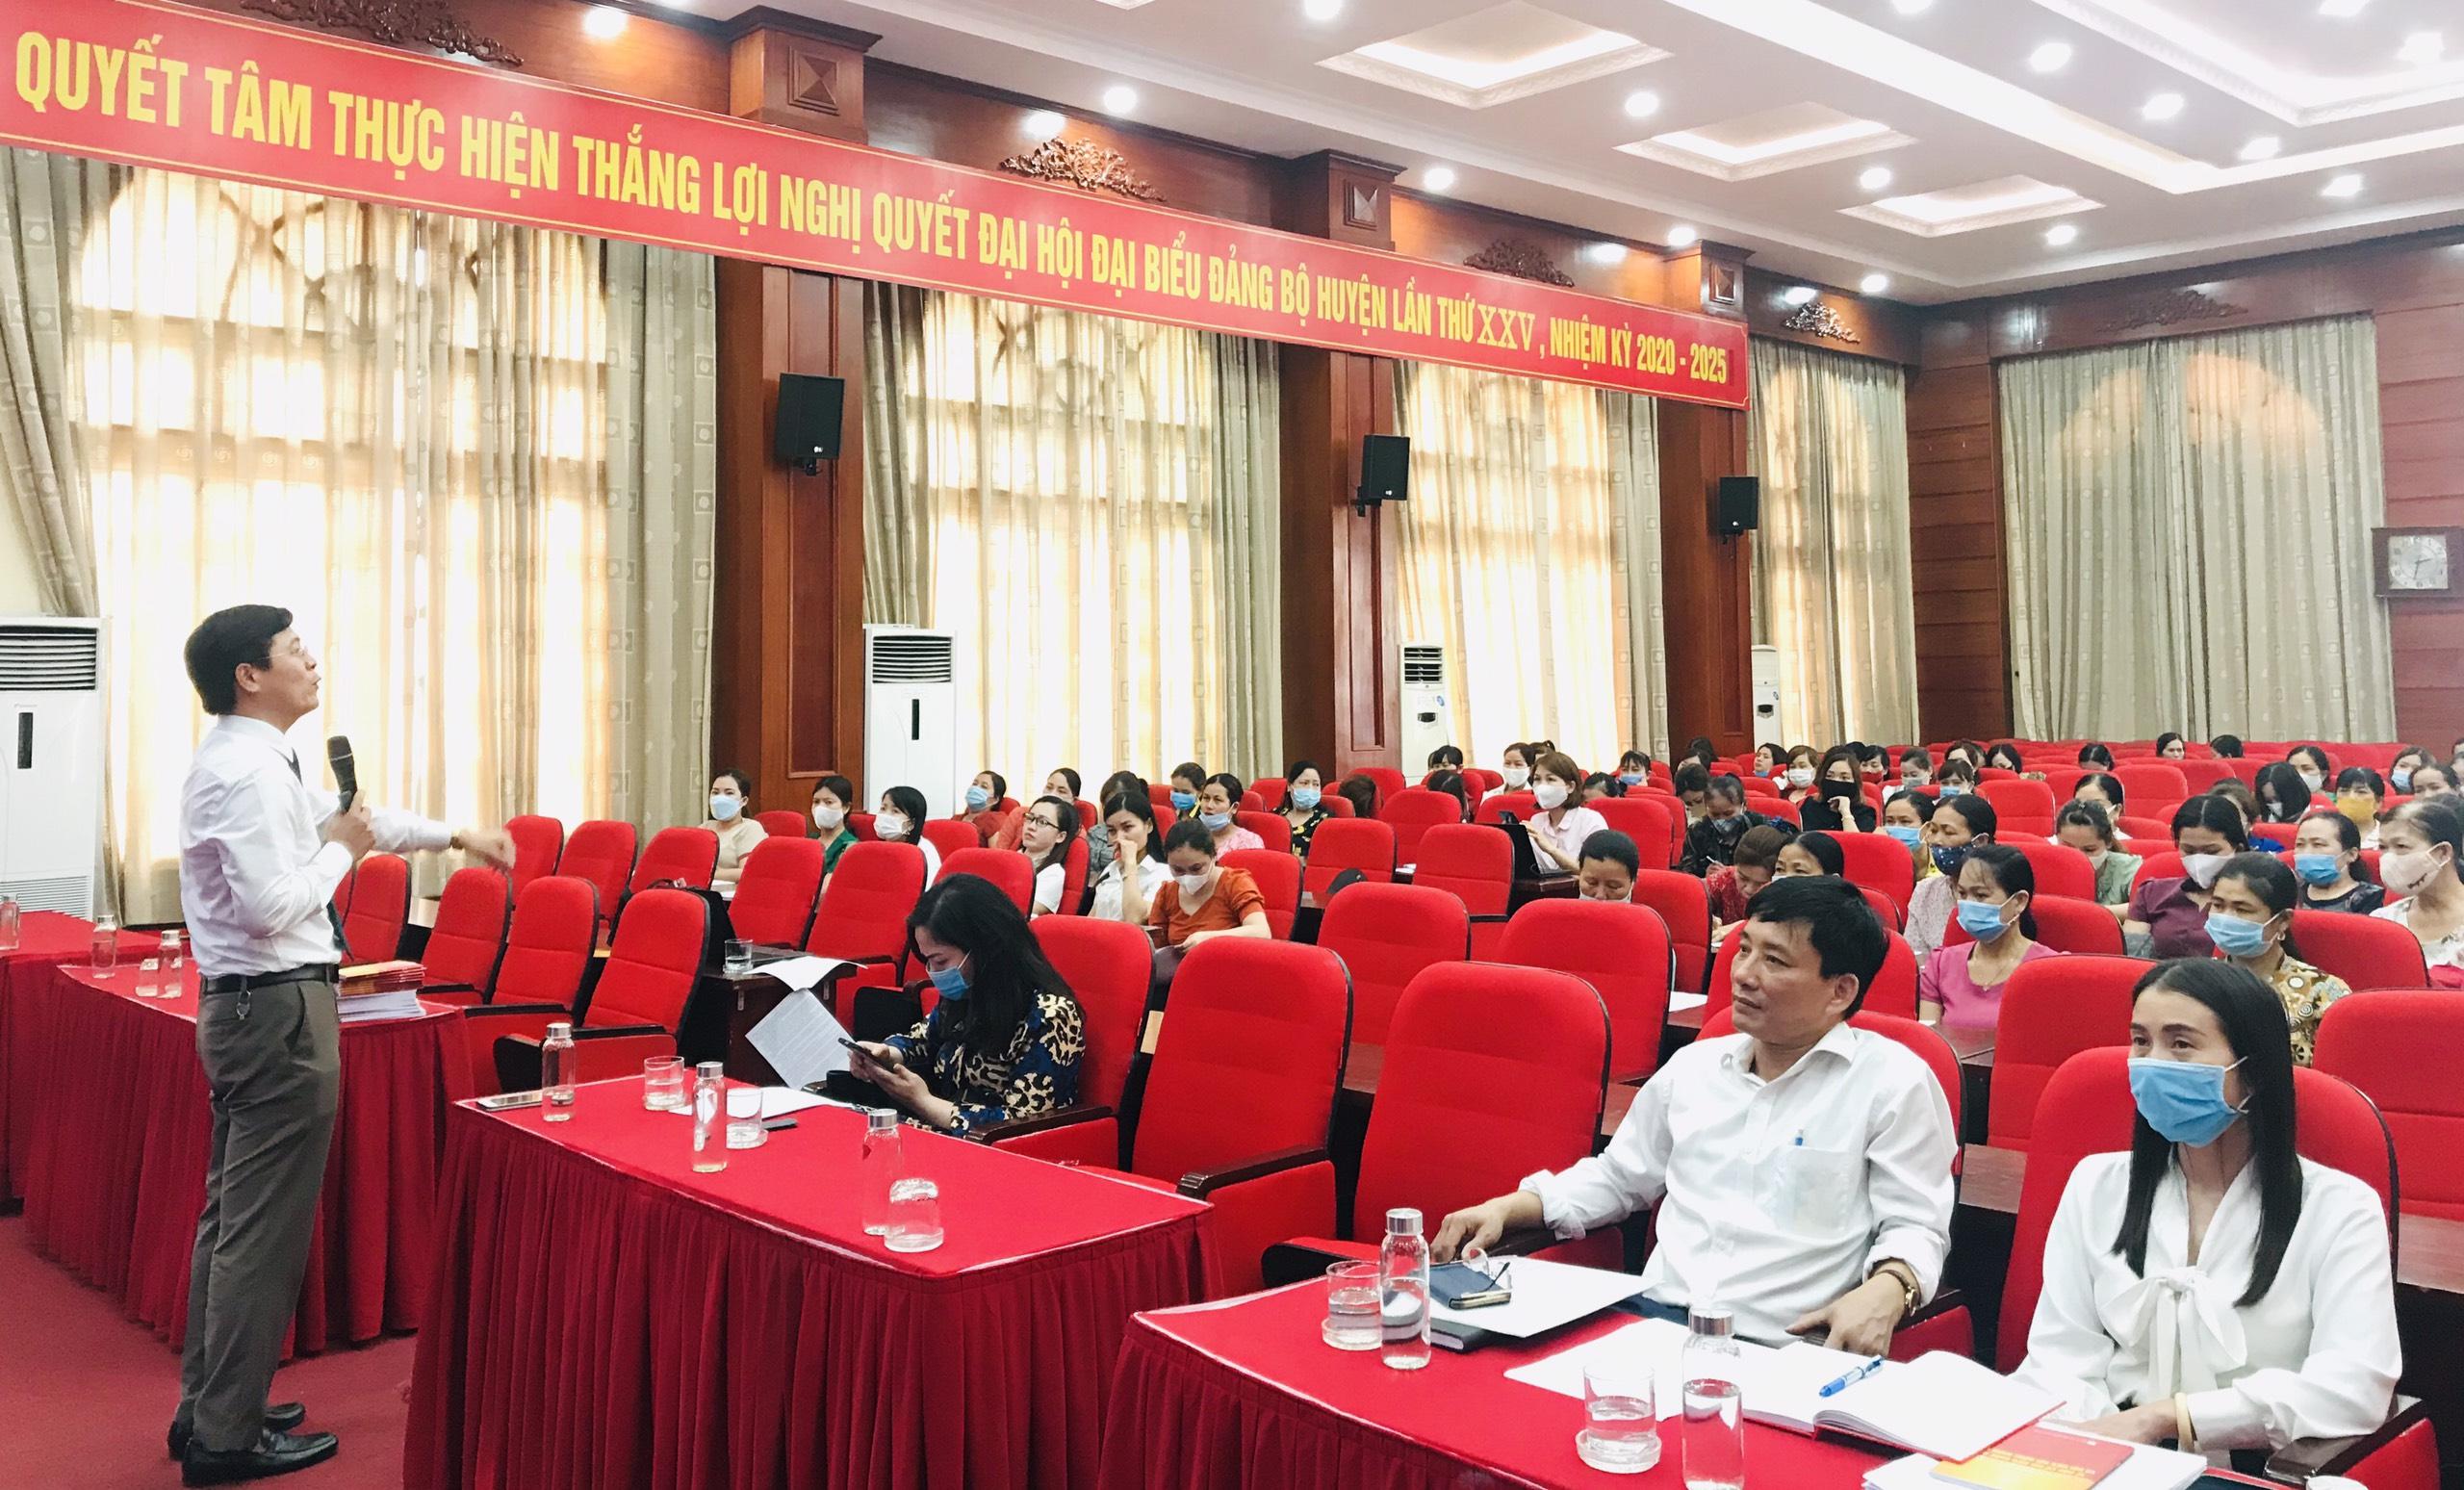 Thạc sĩ, Luật sư Nguyễn Văn Hà, Phó Chủ nhiệm Đoàn luật sư TP. Hà Nội phổ biến Luật Bầu cử tại Hội nghị.